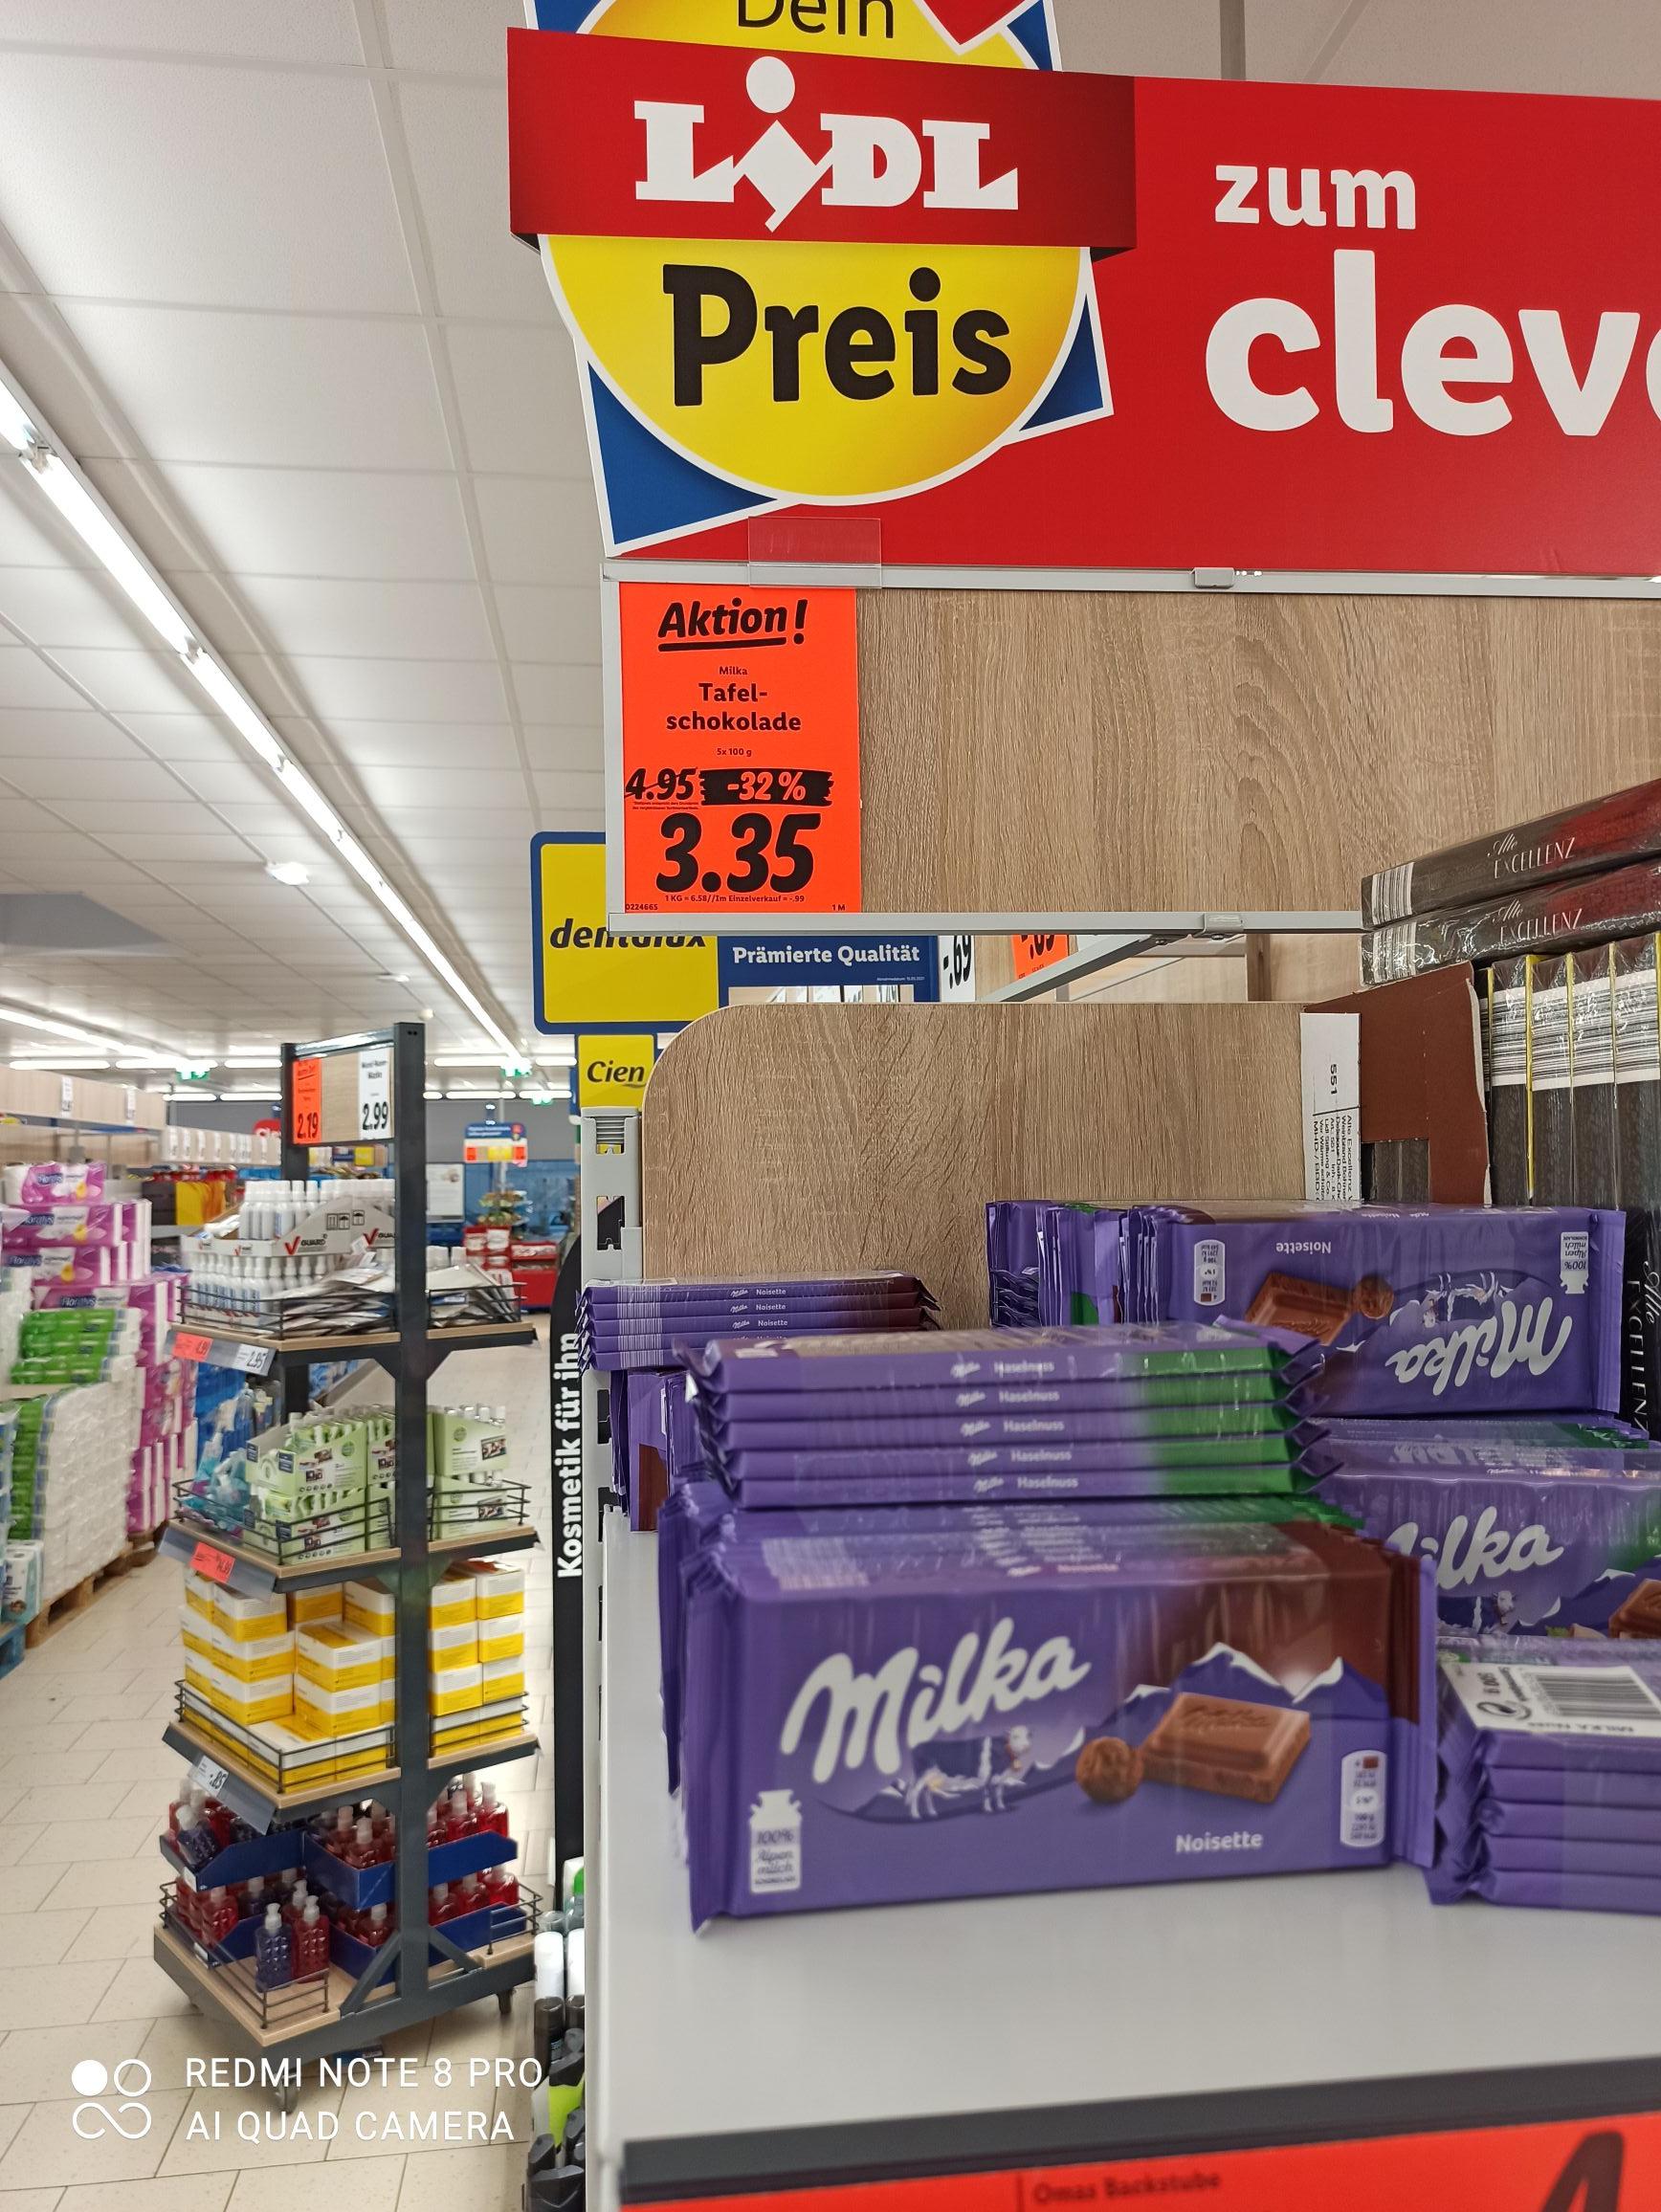 Milka Schokolade 5 Stück beim Lidl